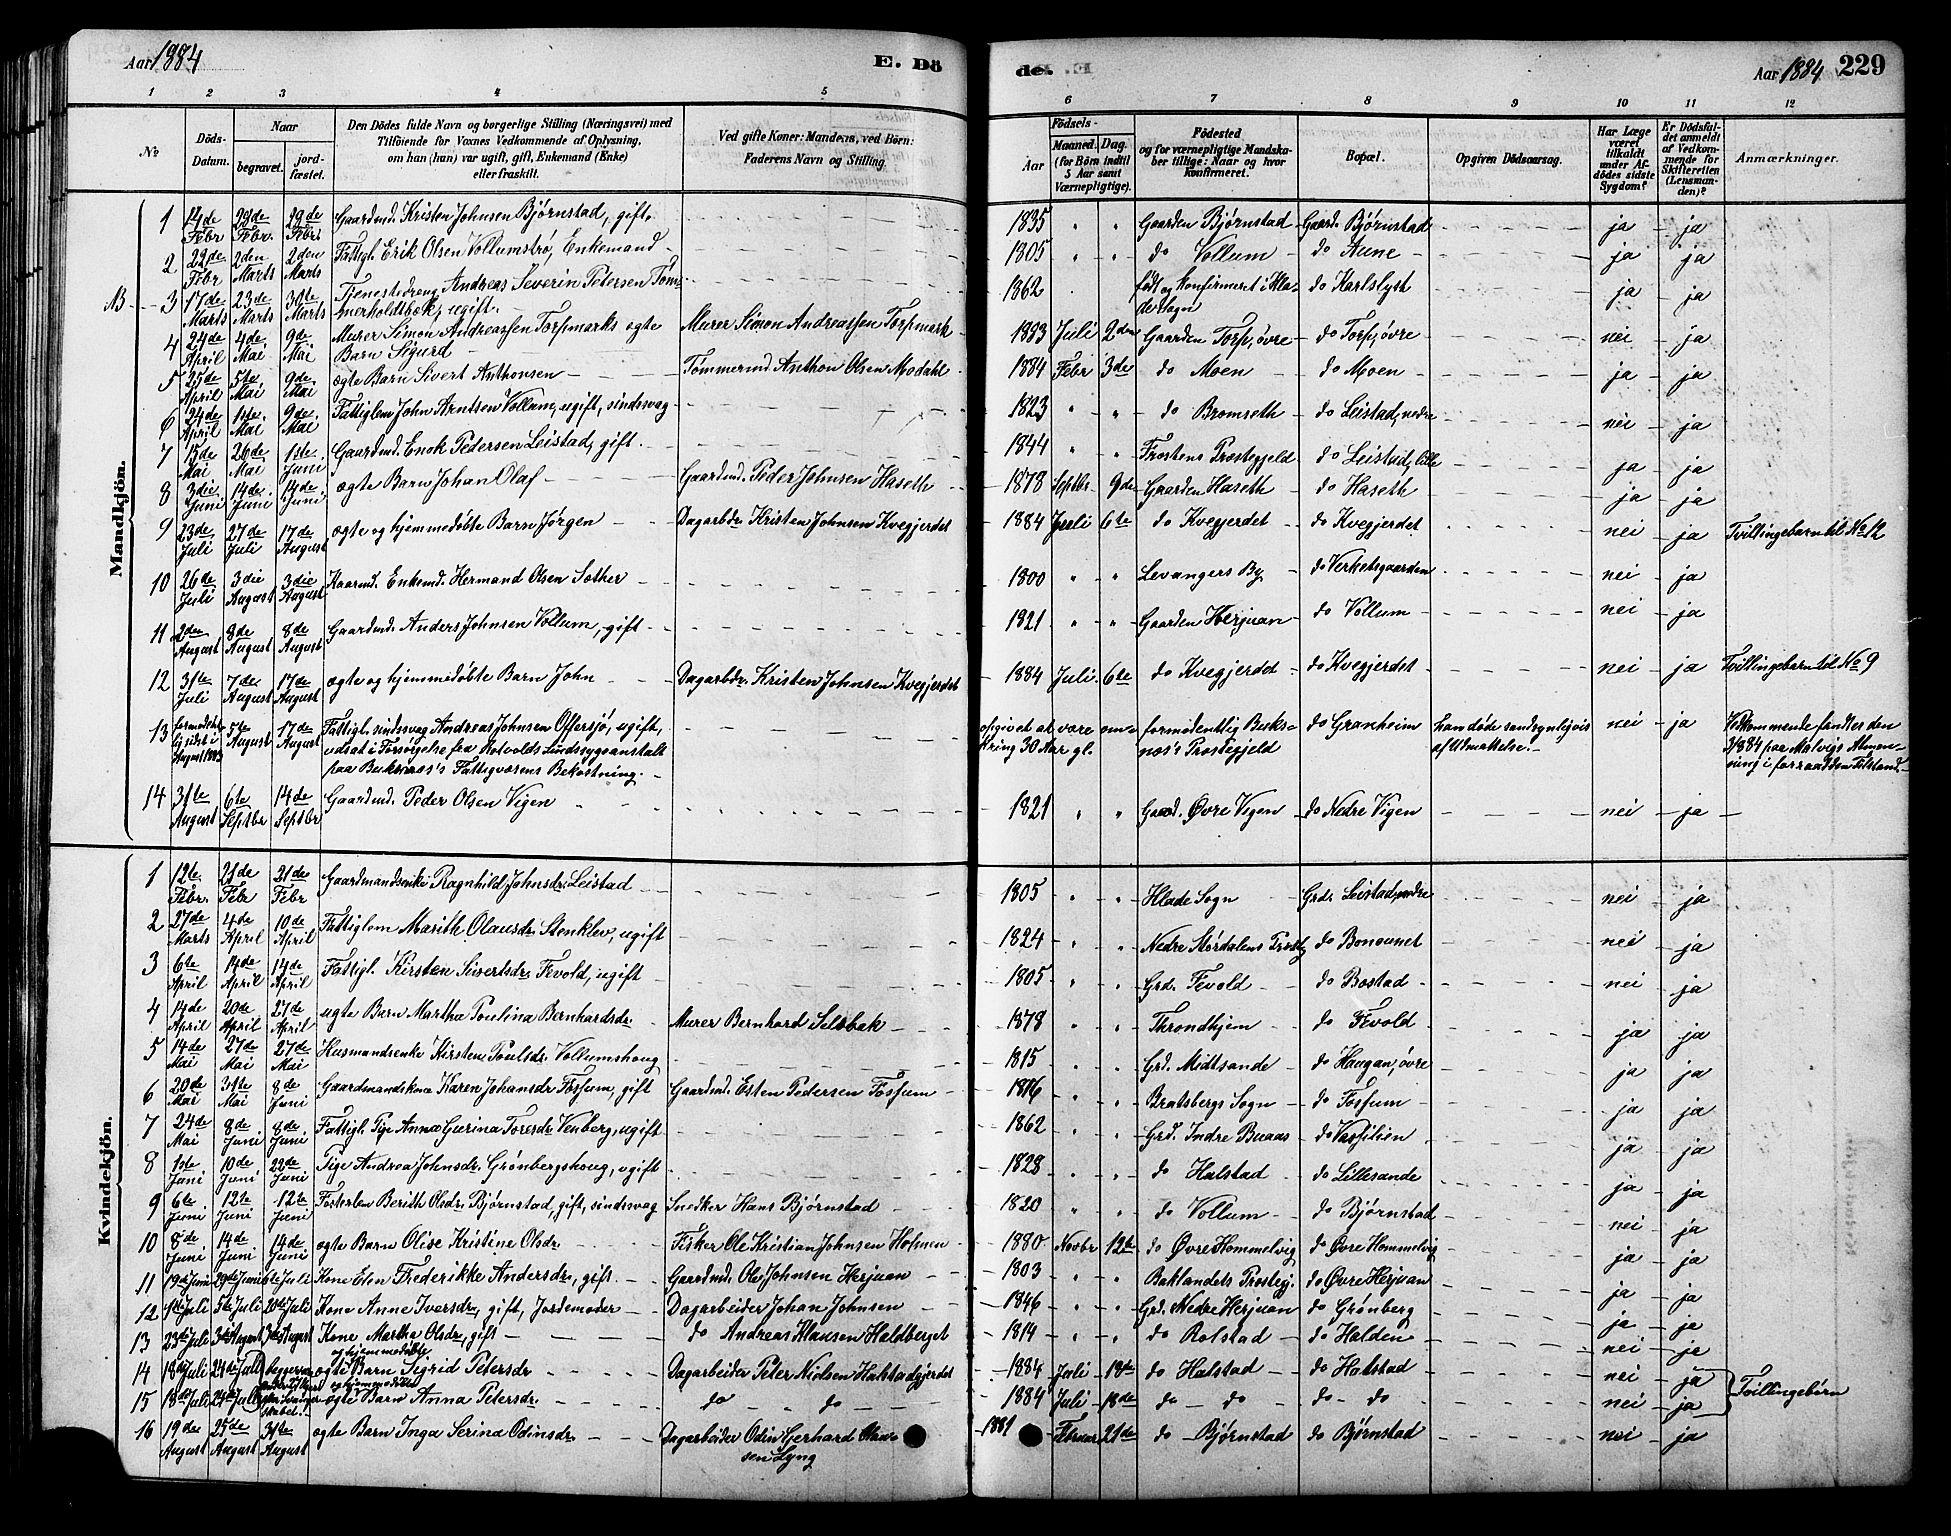 SAT, Ministerialprotokoller, klokkerbøker og fødselsregistre - Sør-Trøndelag, 616/L0423: Klokkerbok nr. 616C06, 1878-1903, s. 229